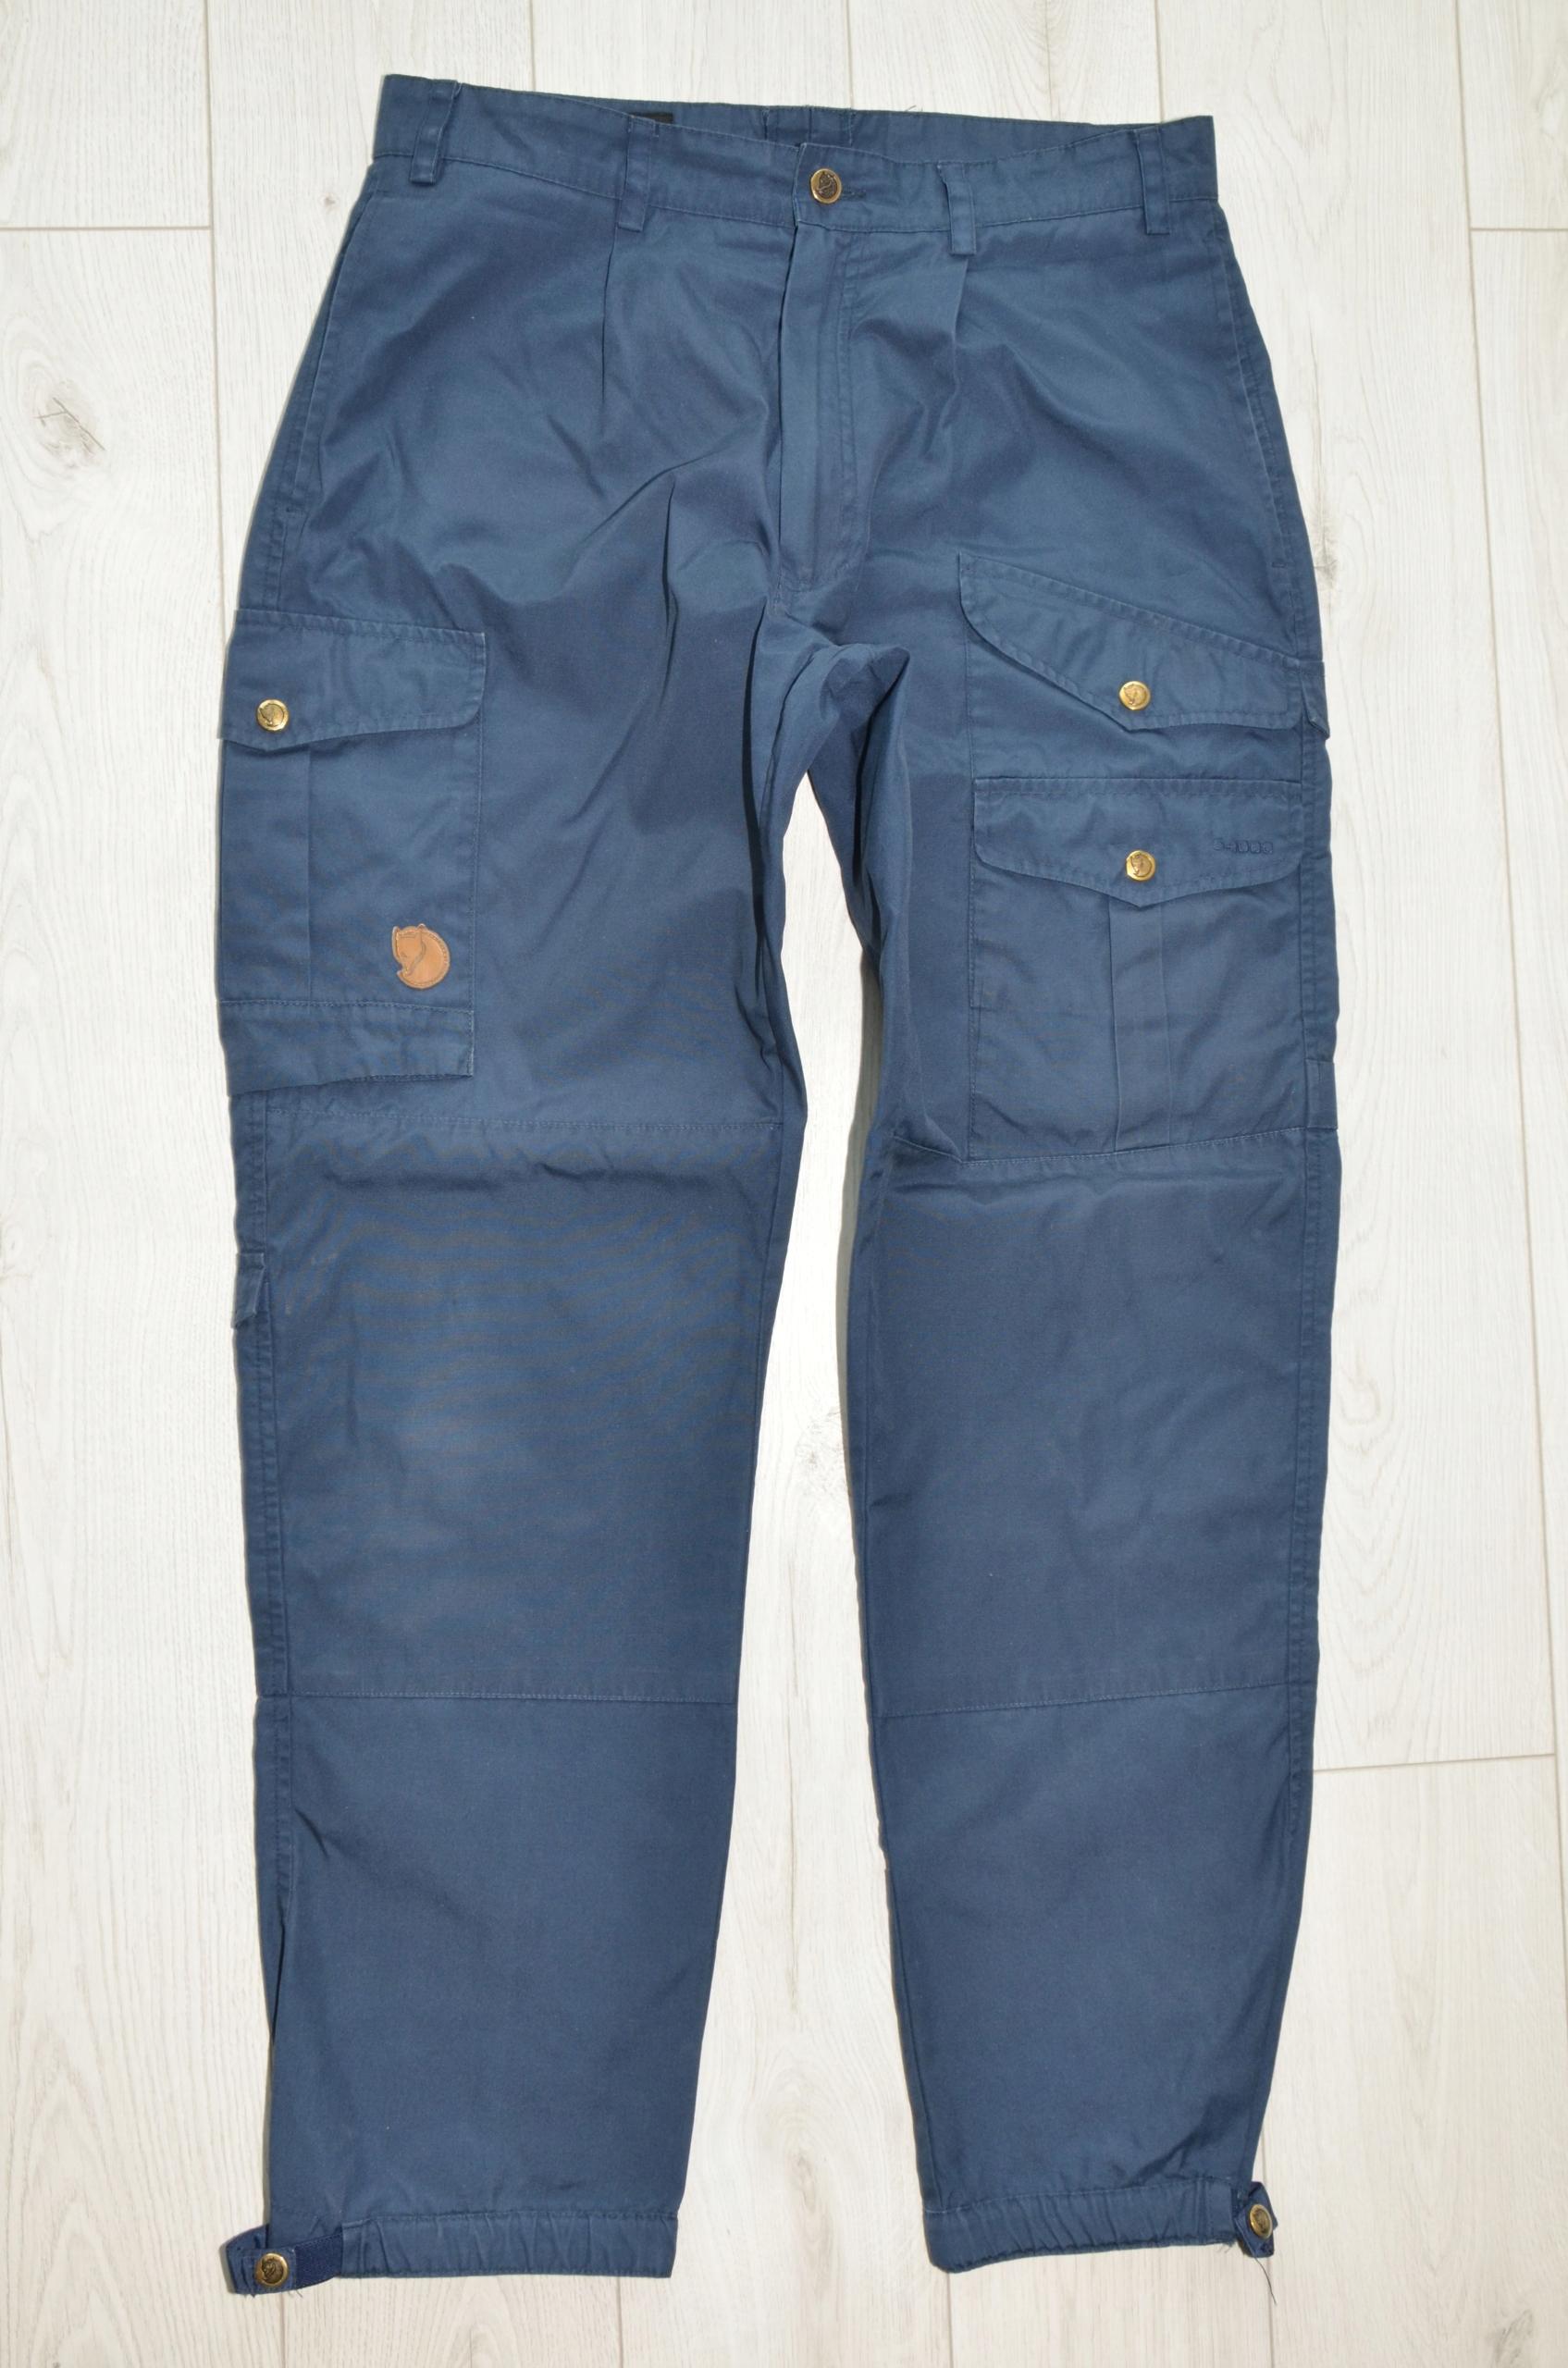 Męskie spodnie FJALLRAVEN G-1000 r 48